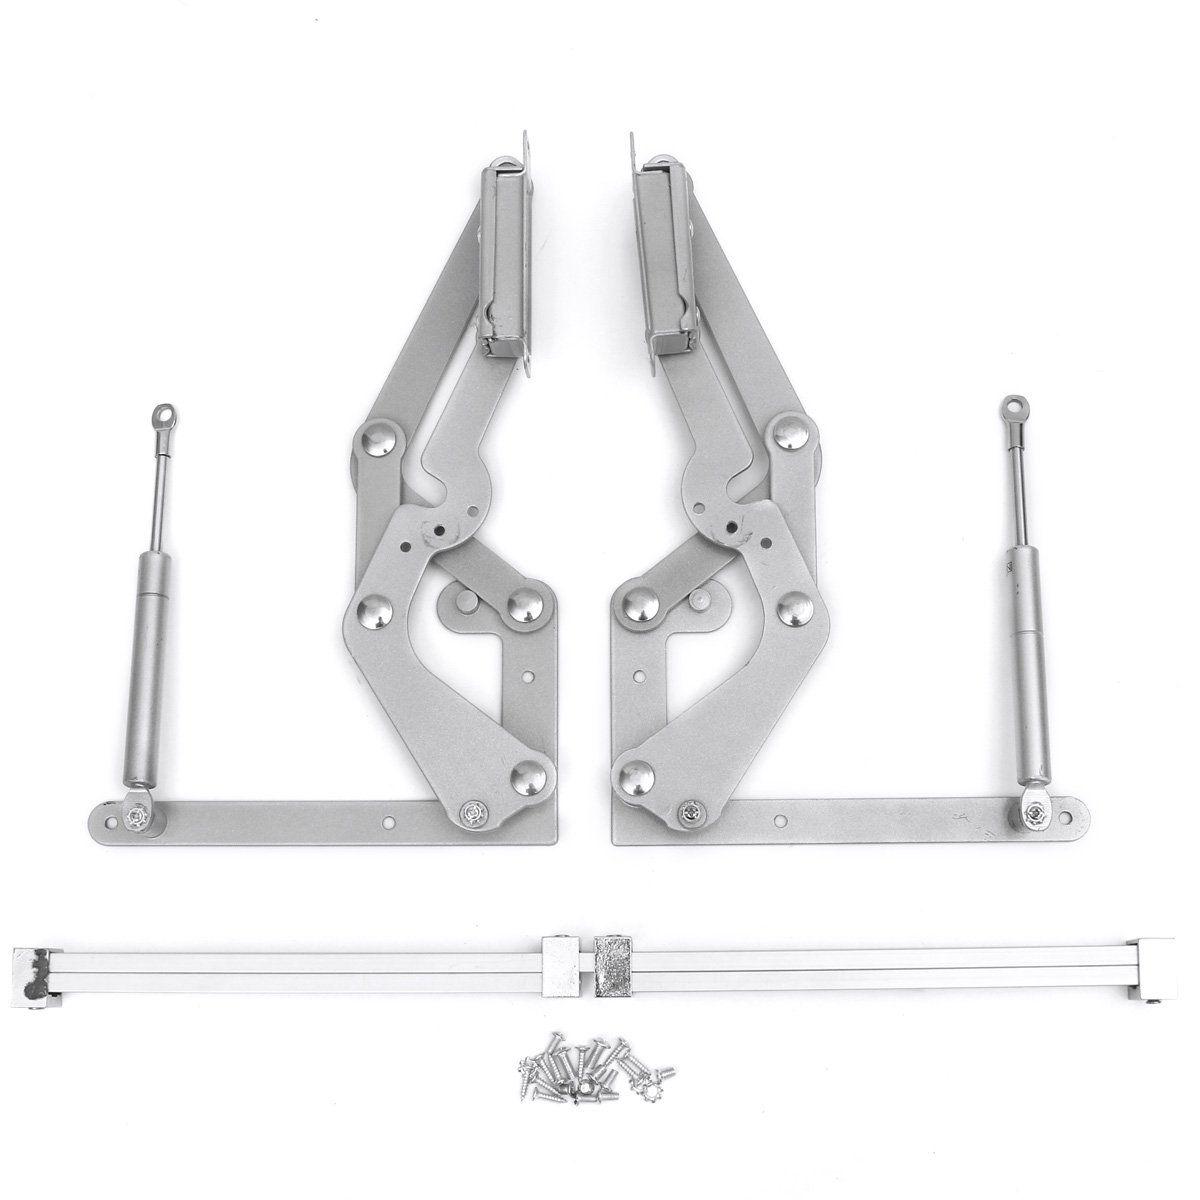 Arm Mechanism Hinges Vertical Swing Lift Up Stay Pneumatic For Cabinet Door Puerta De Gabinete Muebles De Tarima De Madera Muebles Con Tarimas